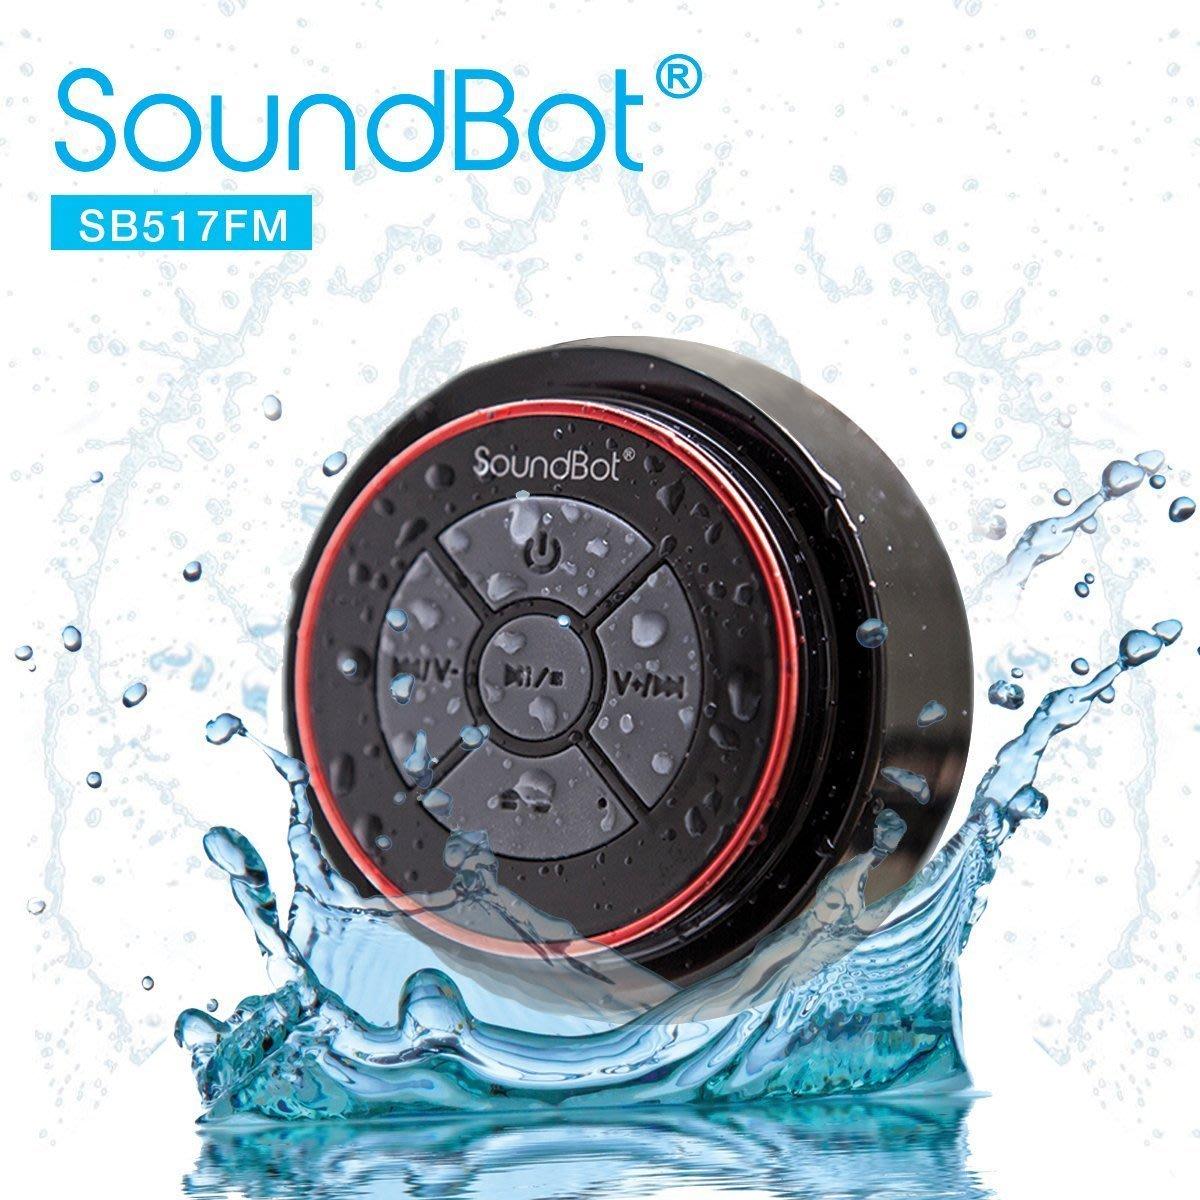 美國聲霸SoundBot SB517FM IPX7級 廣播藍牙吸盤防水喇叭 藍芽音響 wonder doss beats